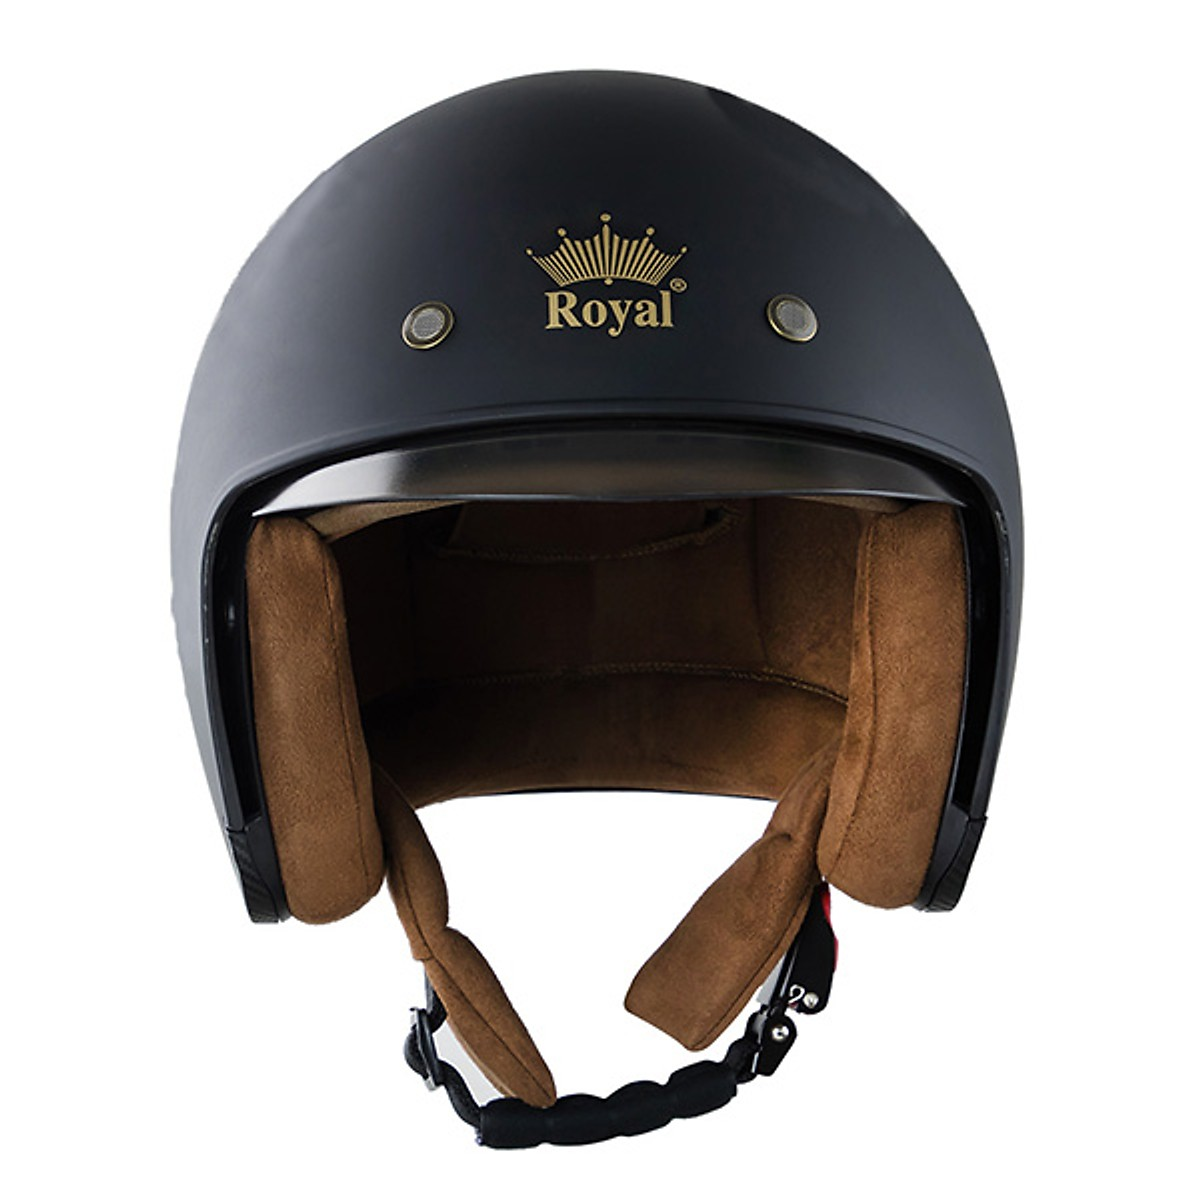 Giá Cực Tốt Khi Mua Mũ Bảo Hiểm Royal M139 - Đen Trơn